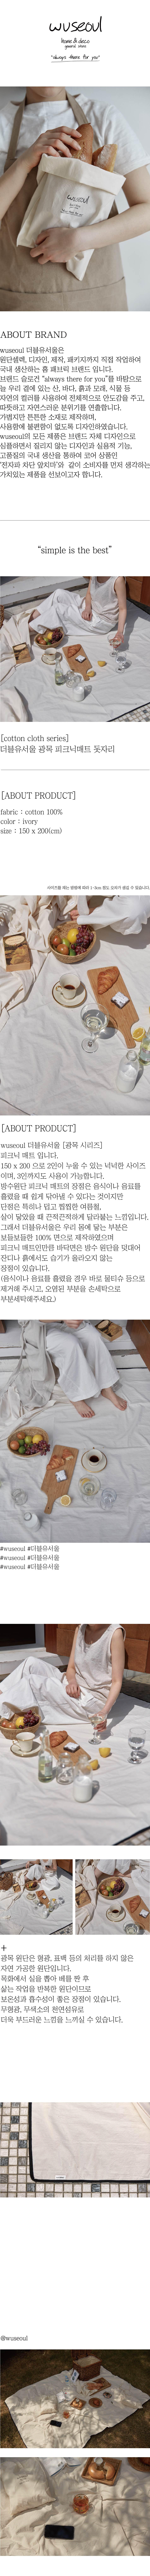 피크닉매트 돗자리 아이보리 - 더블유서울, 60,000원, 매트/돗자리, 매트/돗자리/베개